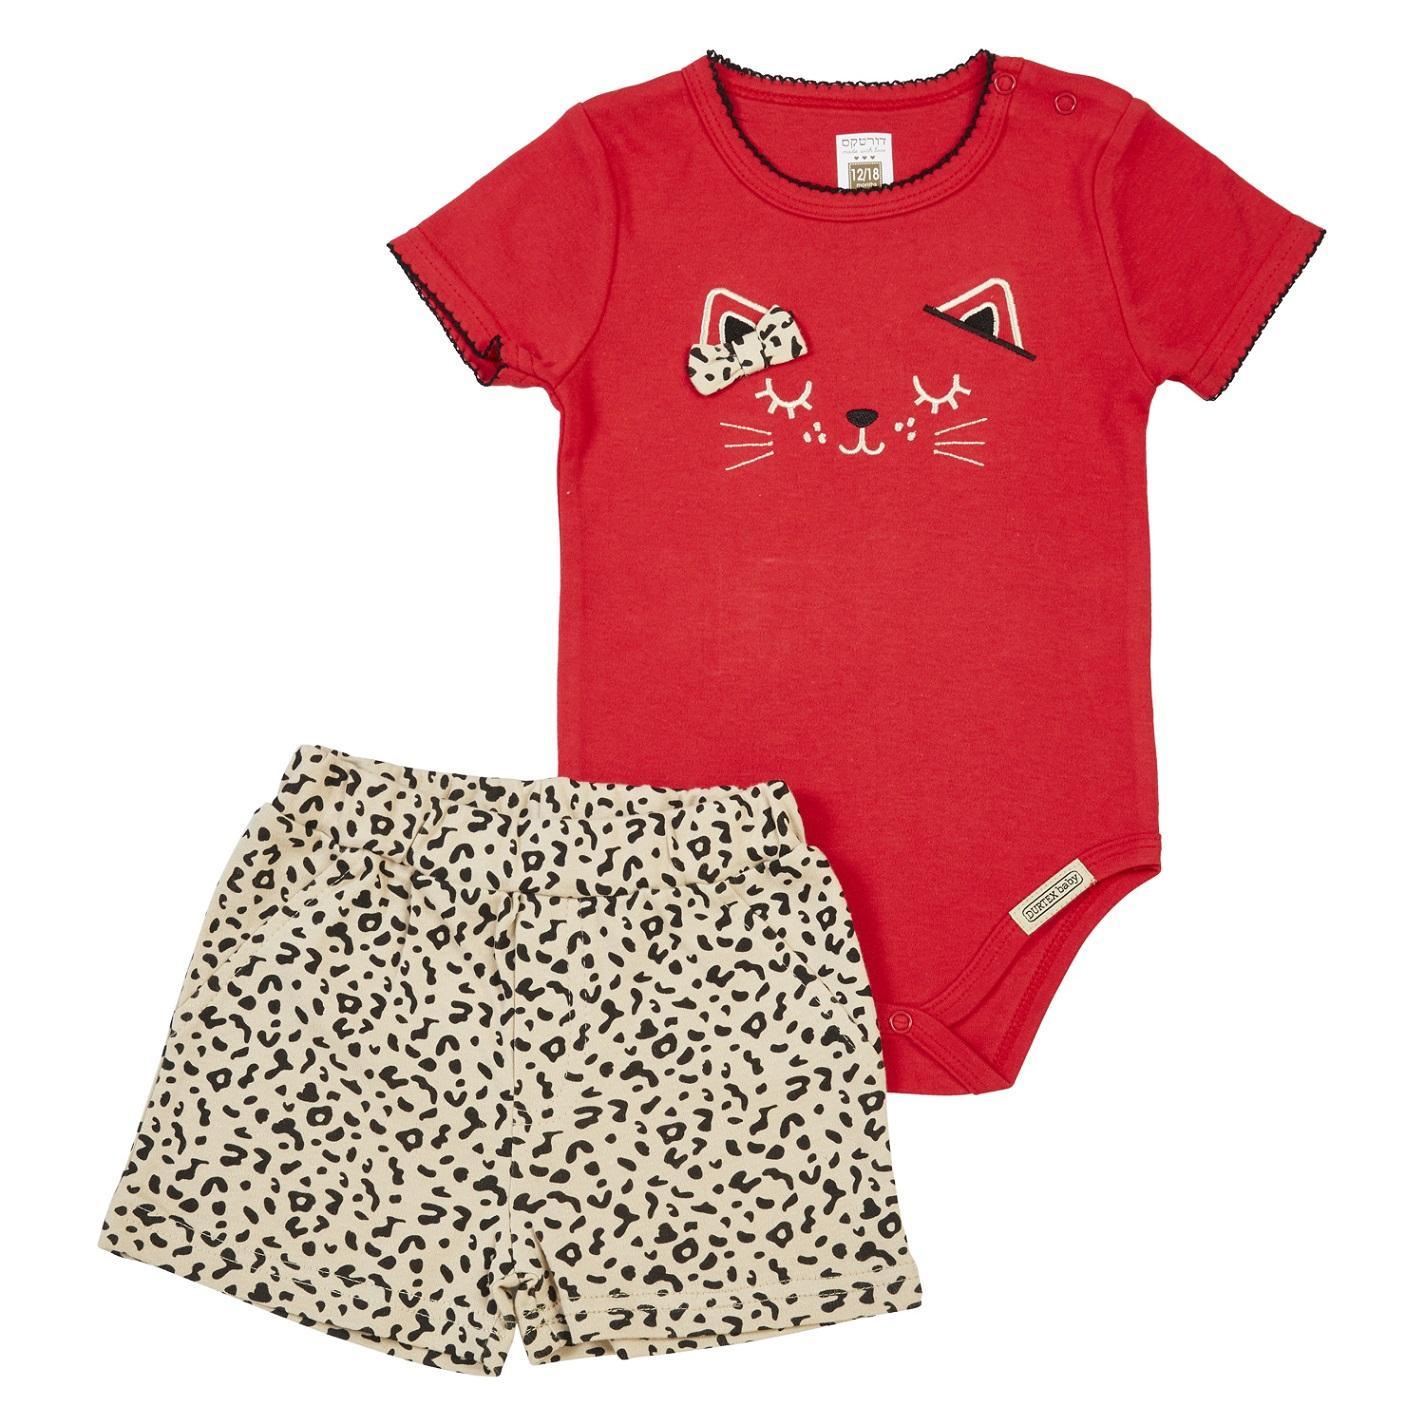 חליפת בגד גוף חתול אדום